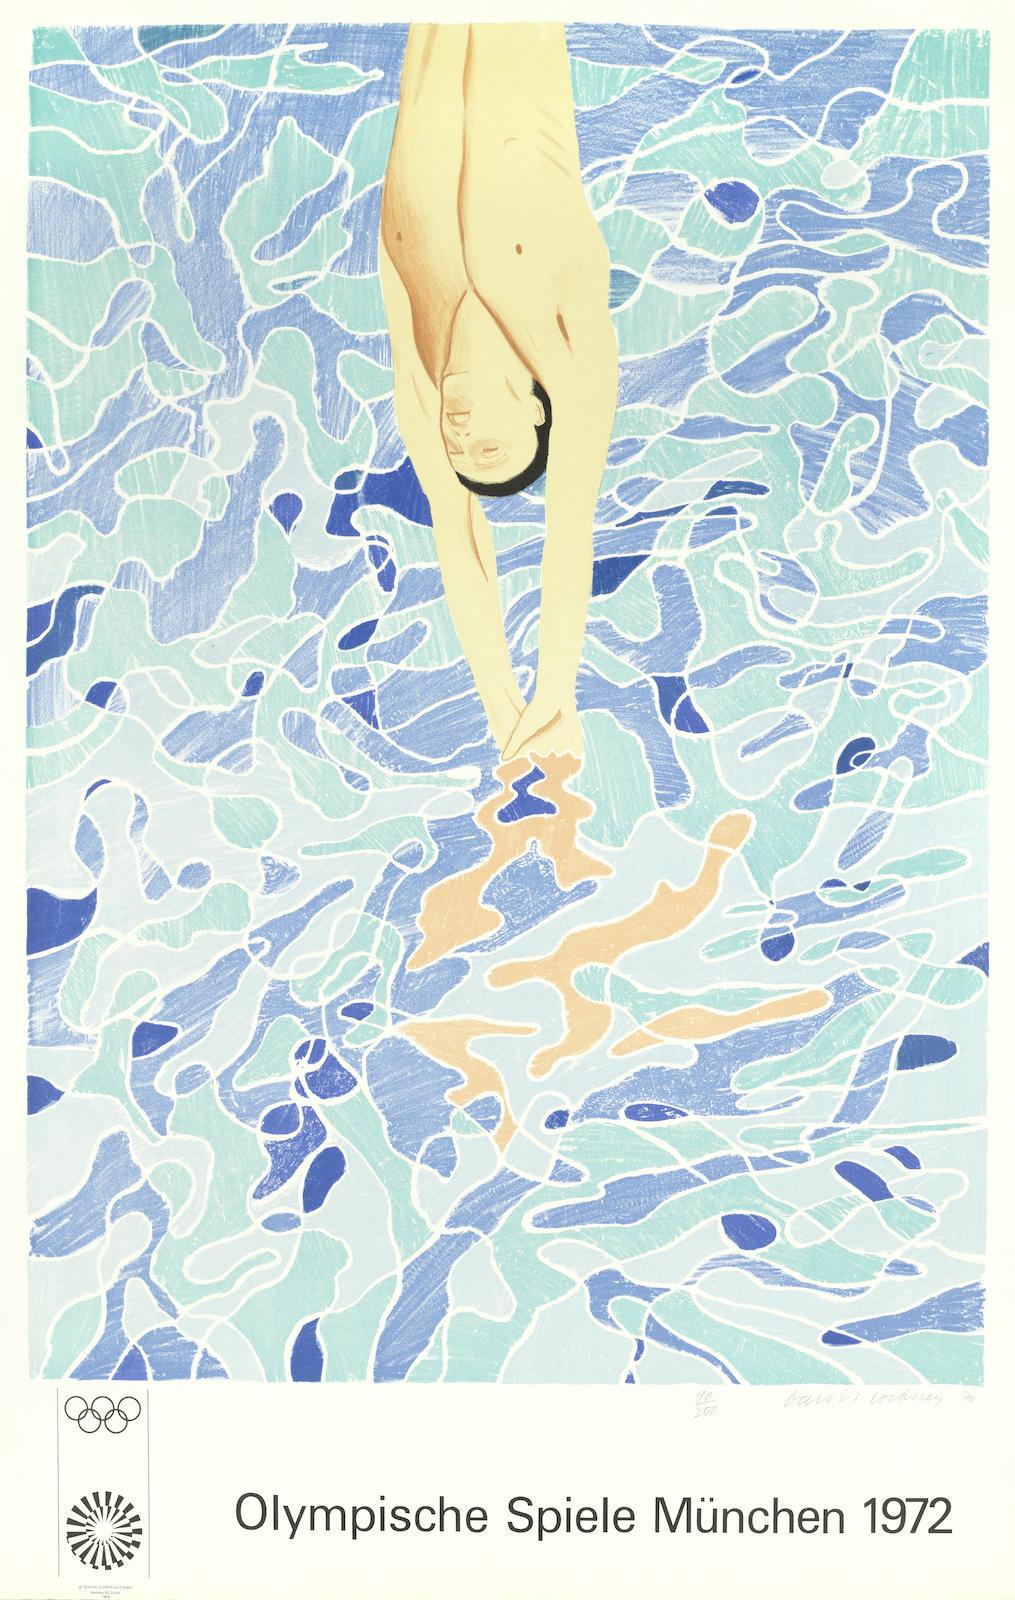 David Hockney-Olympische Spiele Munchen 1972-1970